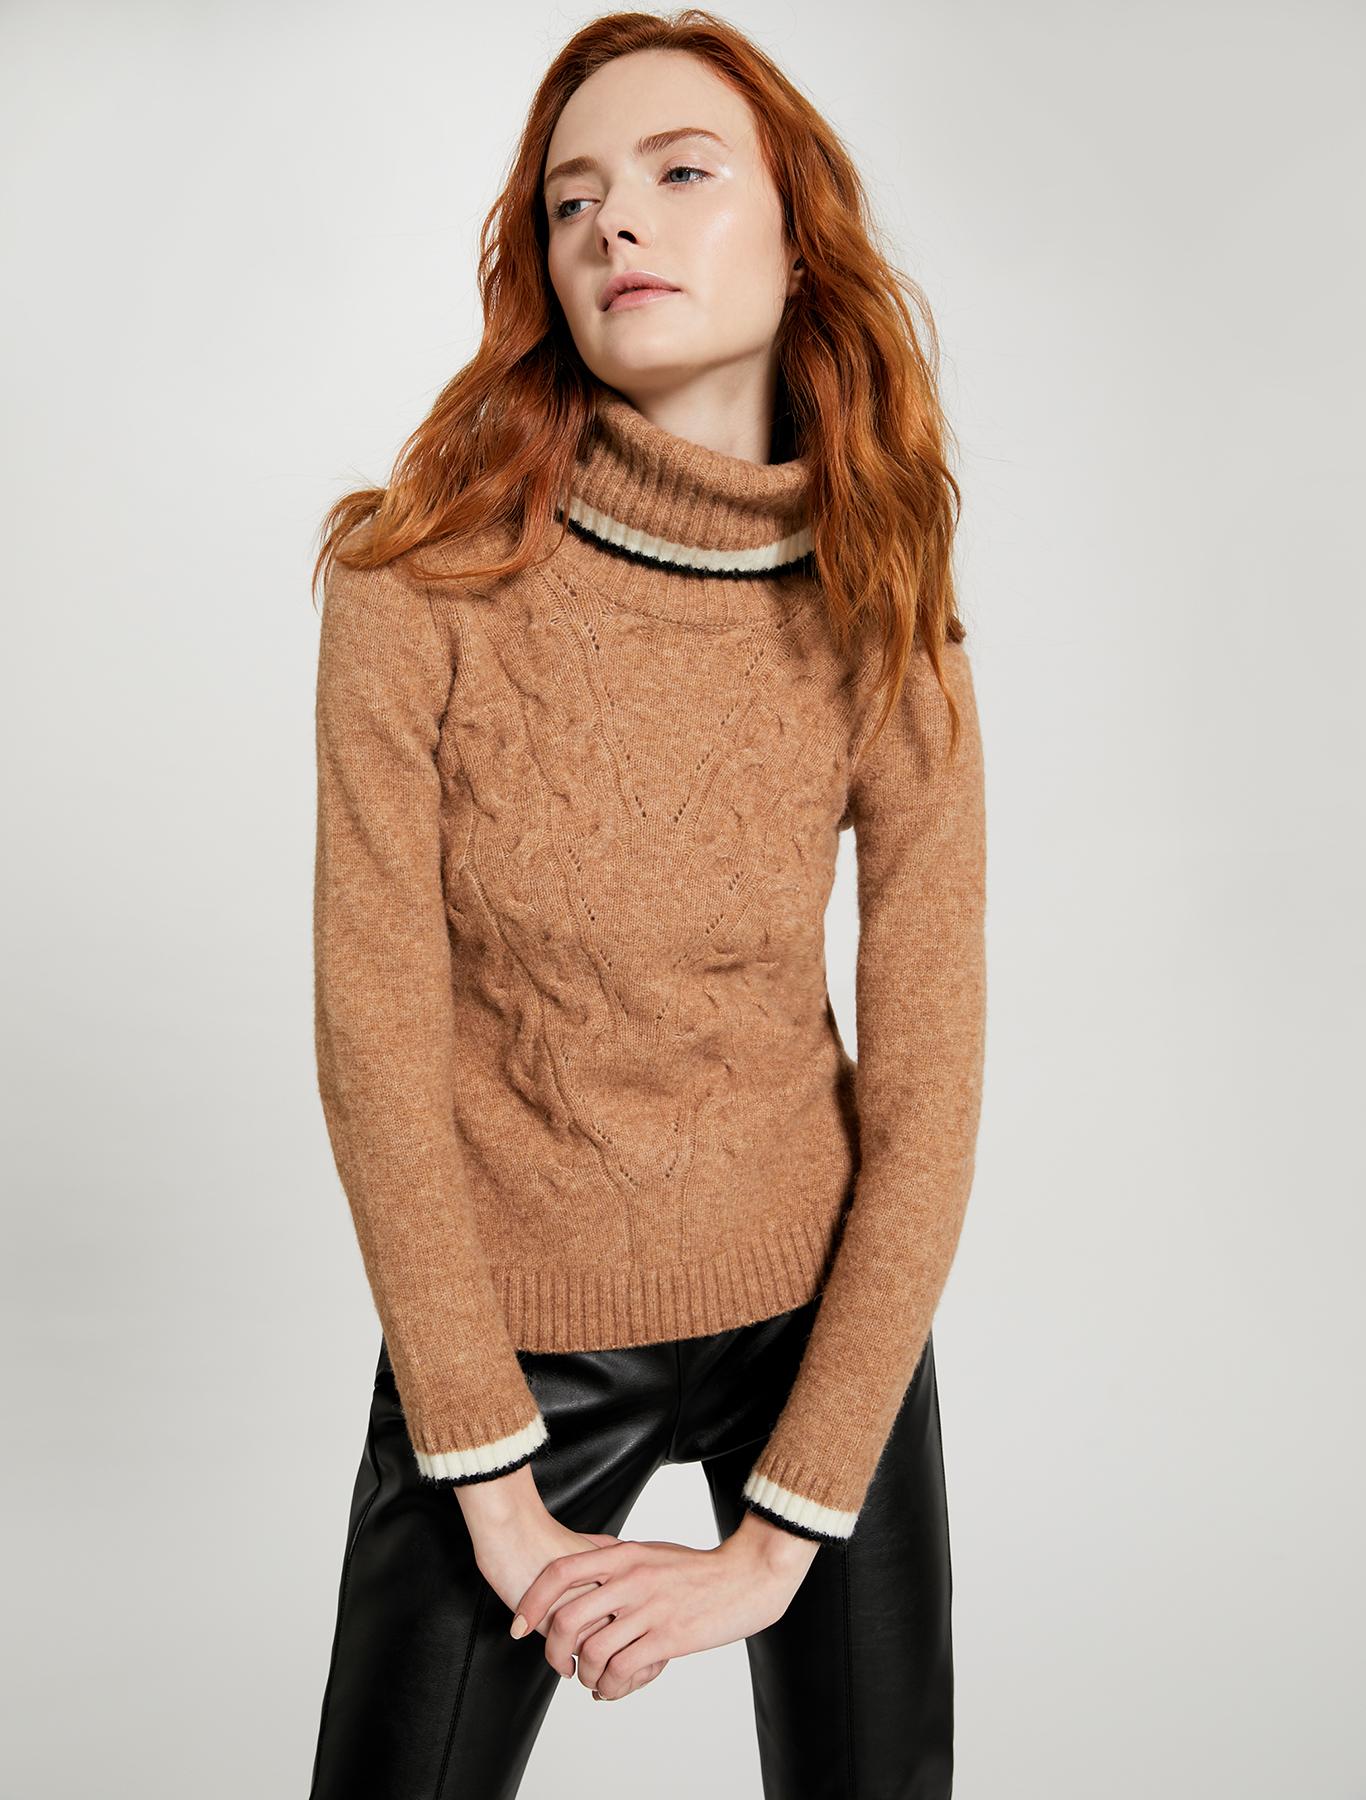 Slim fit cable knit turtleneck - camel - pennyblack